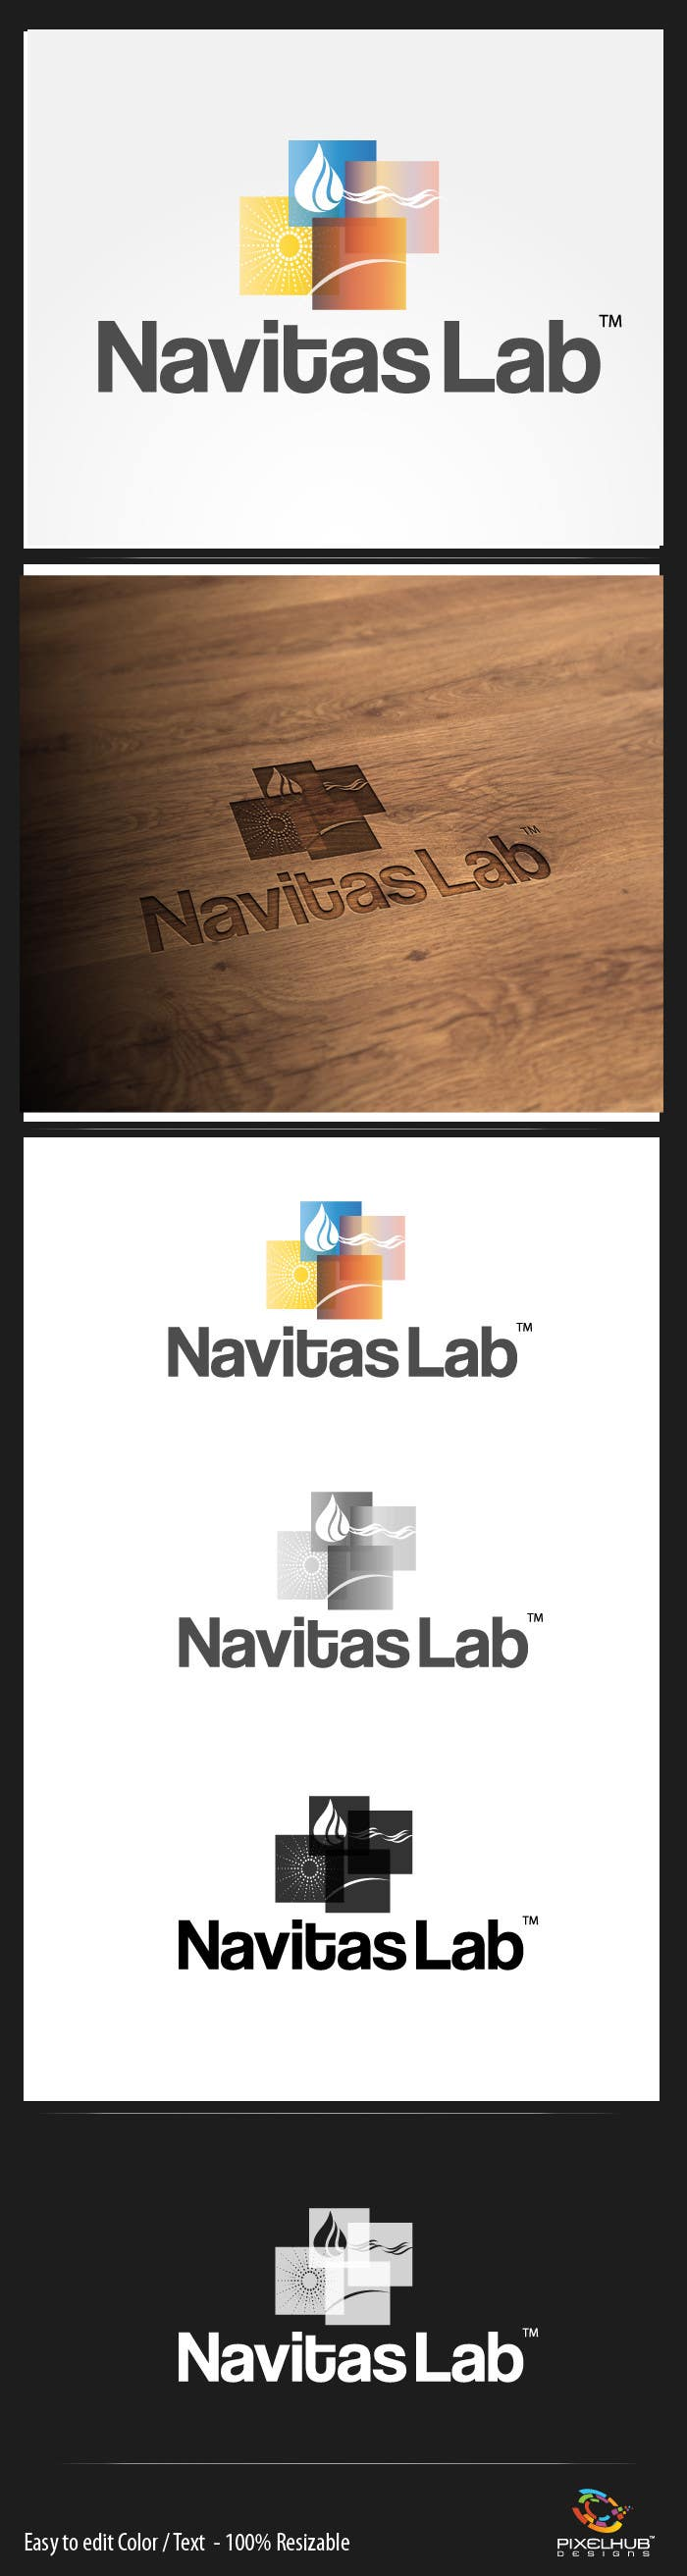 Konkurrenceindlæg #64 for Logo Design for Navitas Lab